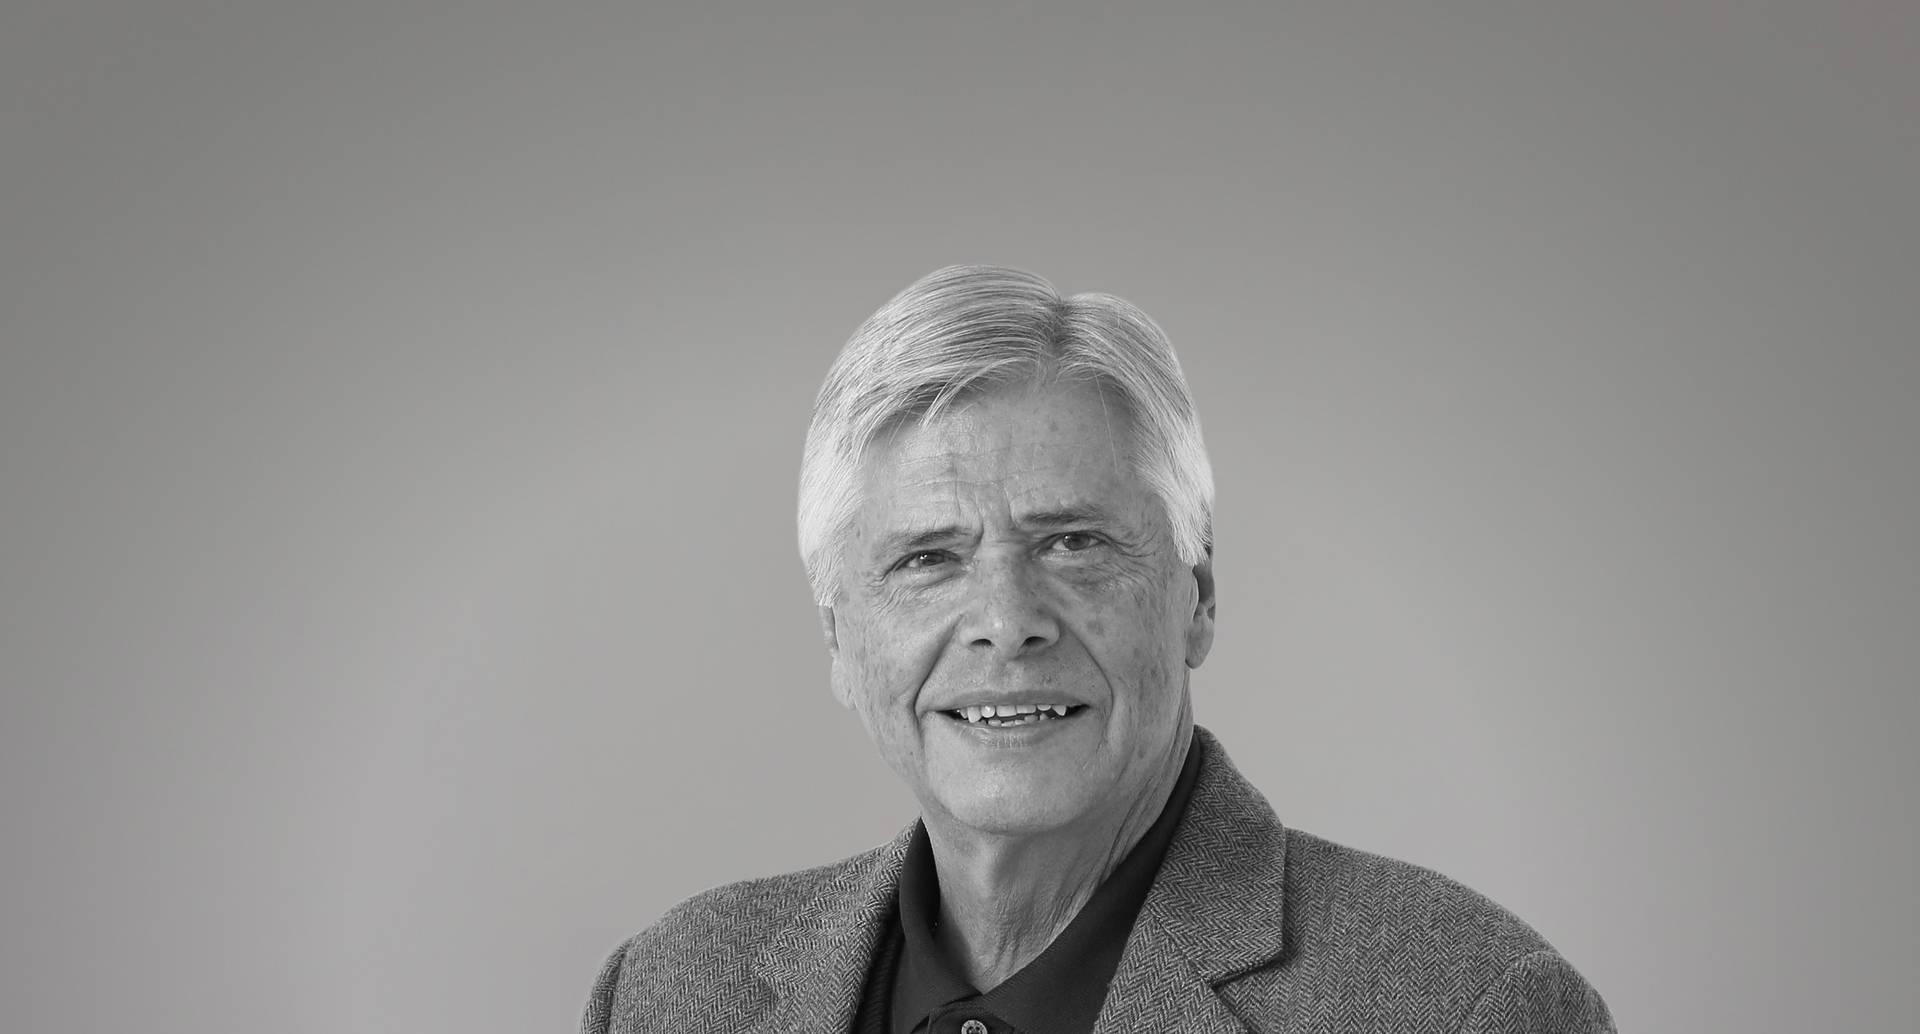 JORGE HUMBERTO BOTERO